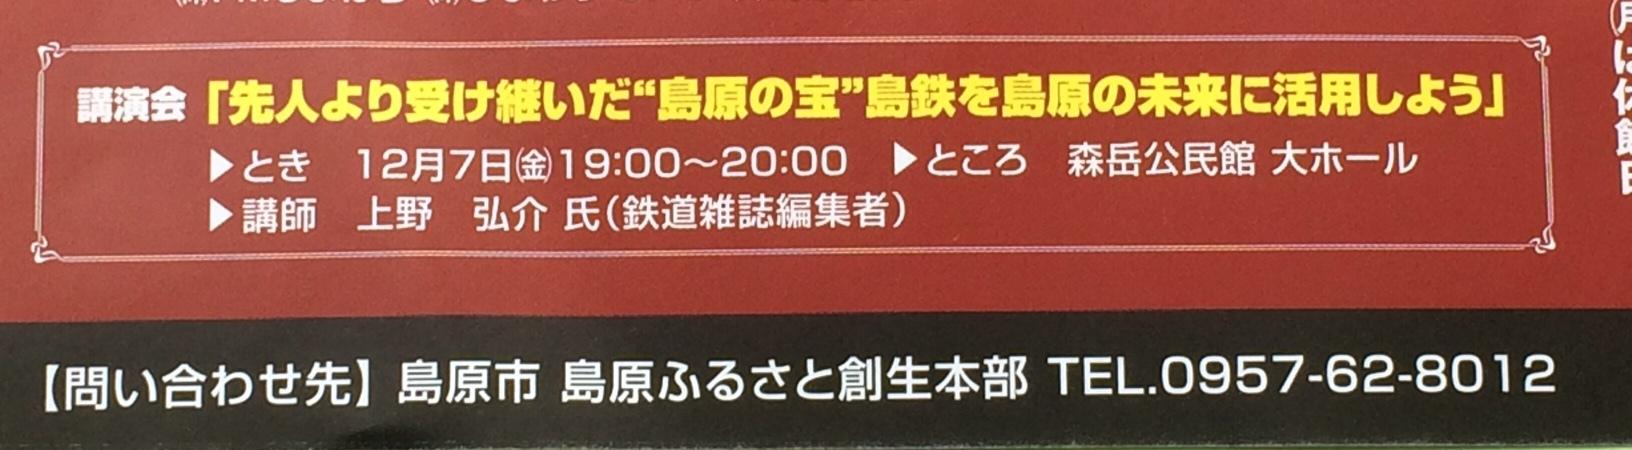 二つの講演会:崩れたシナリオ_c0052876_16500639.jpg